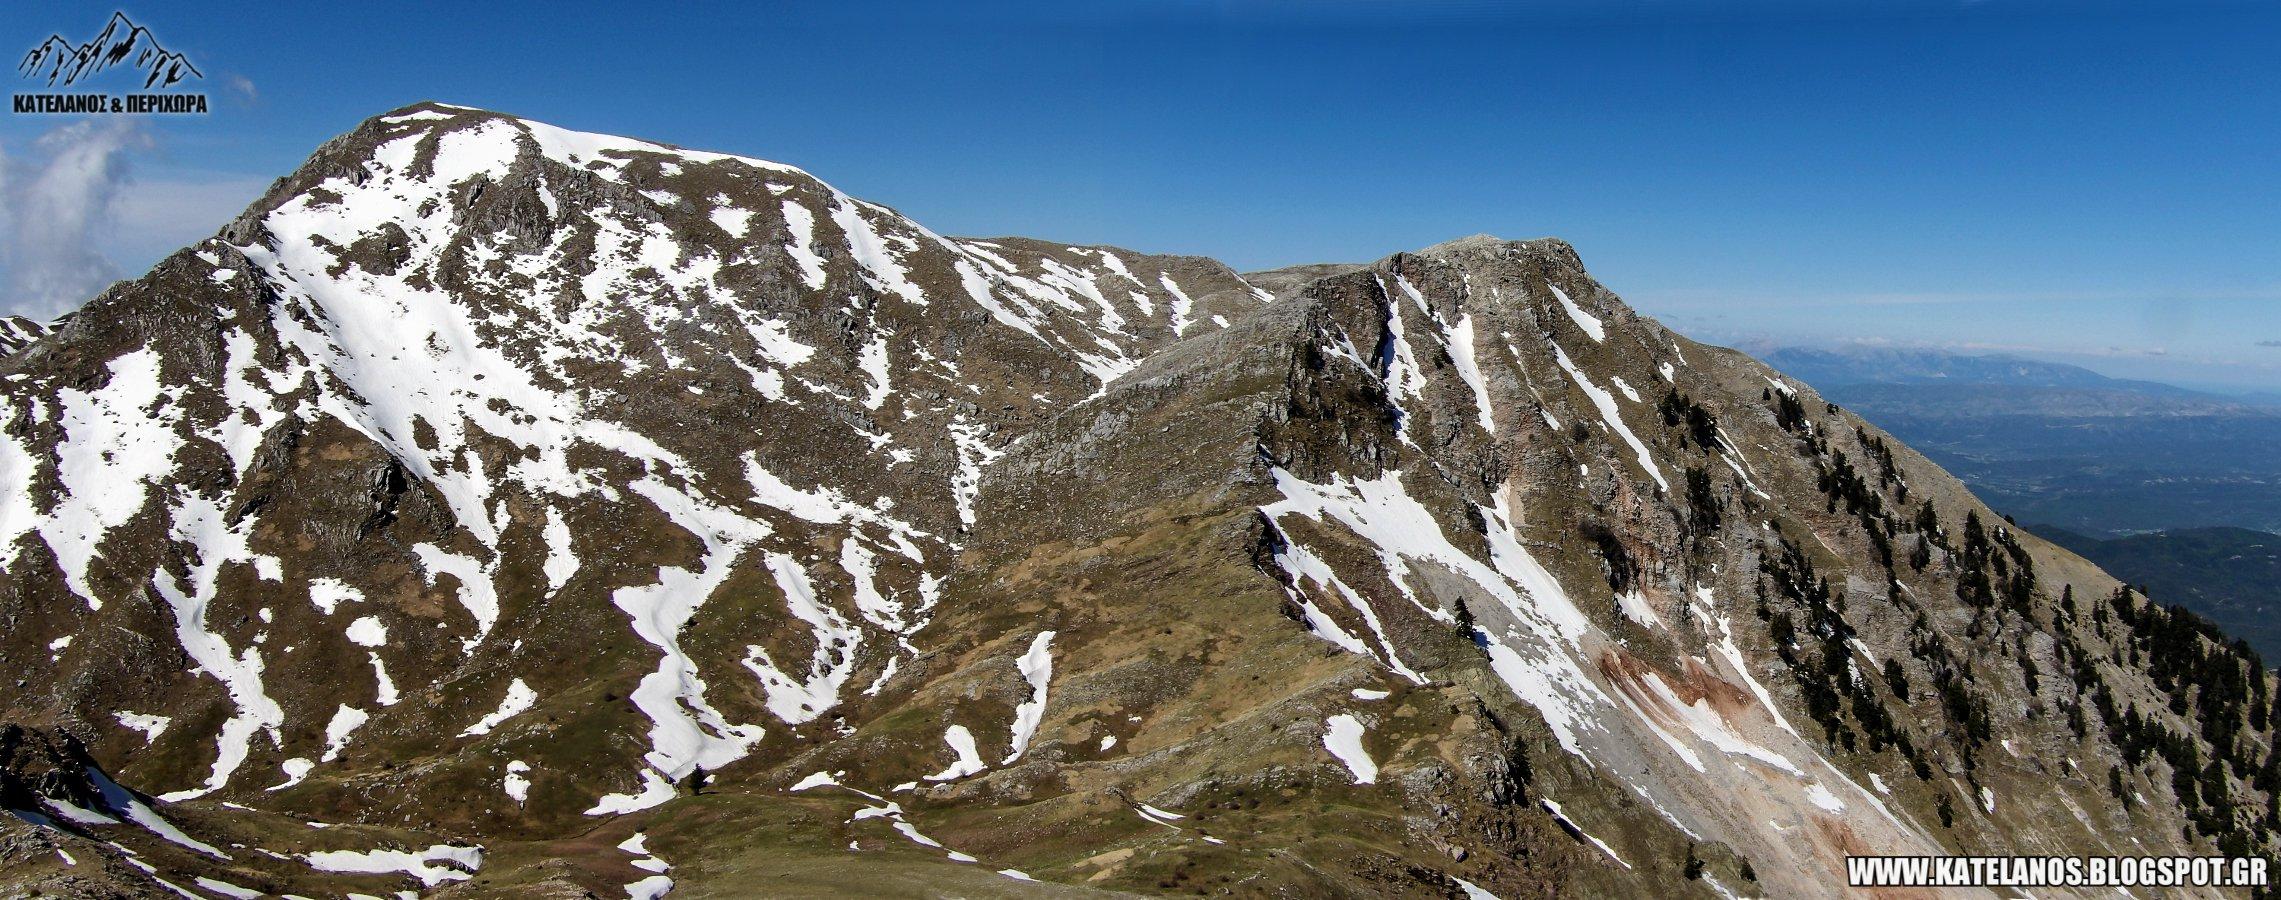 κατελανος απο κρημνιτσα παναιτωλικου βουνα αιτωλοακαρνανιας αγρινιου κυρα βγενα